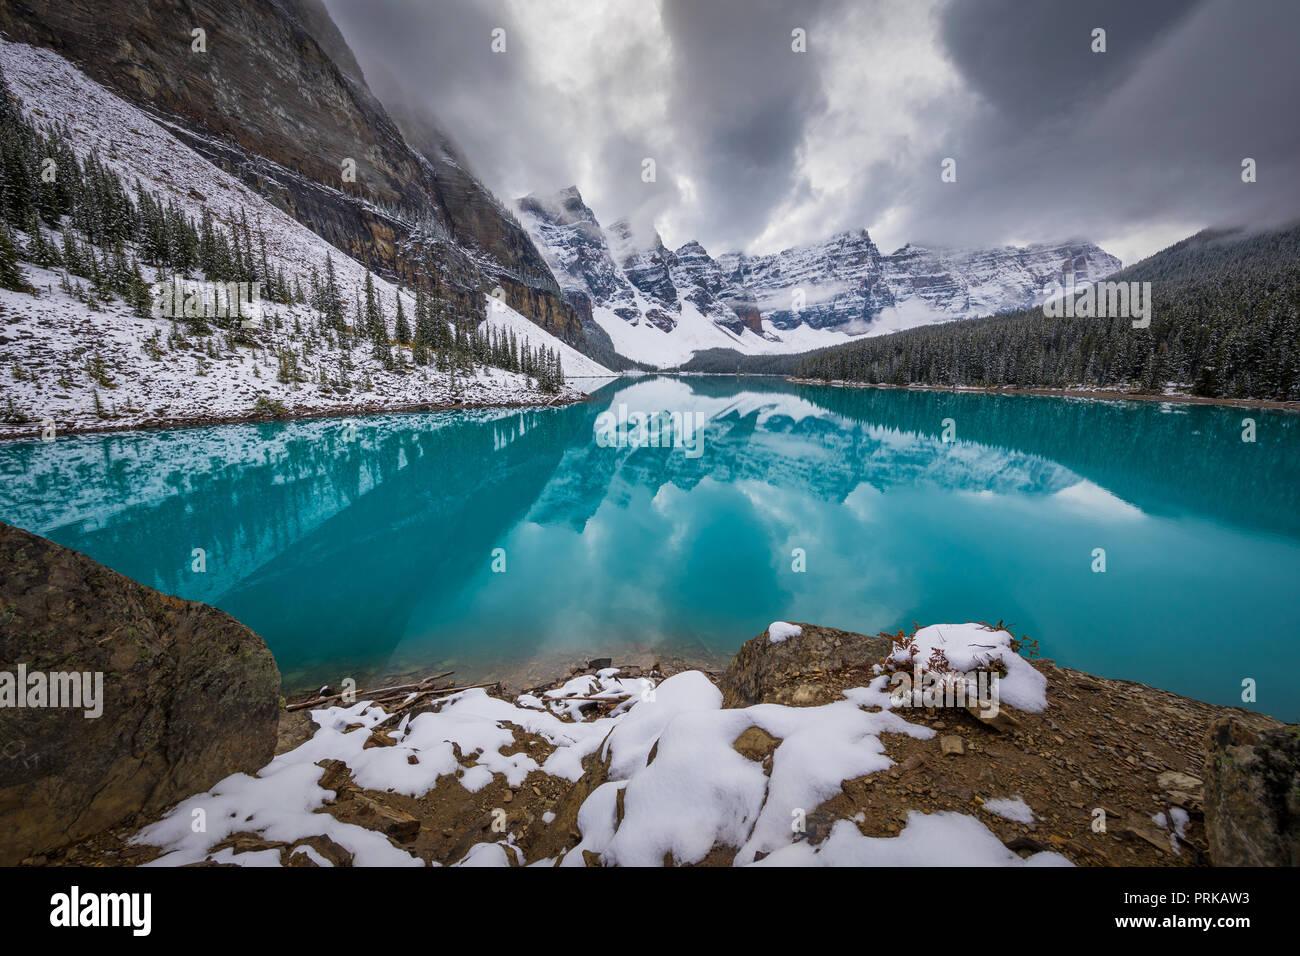 El Lago Moraine es un lago glacial y alimentado en el Banff National Park, a 14 km (8,7 millas) a las afueras del pueblo de Lake Louise, Alberta, Canadá. Foto de stock